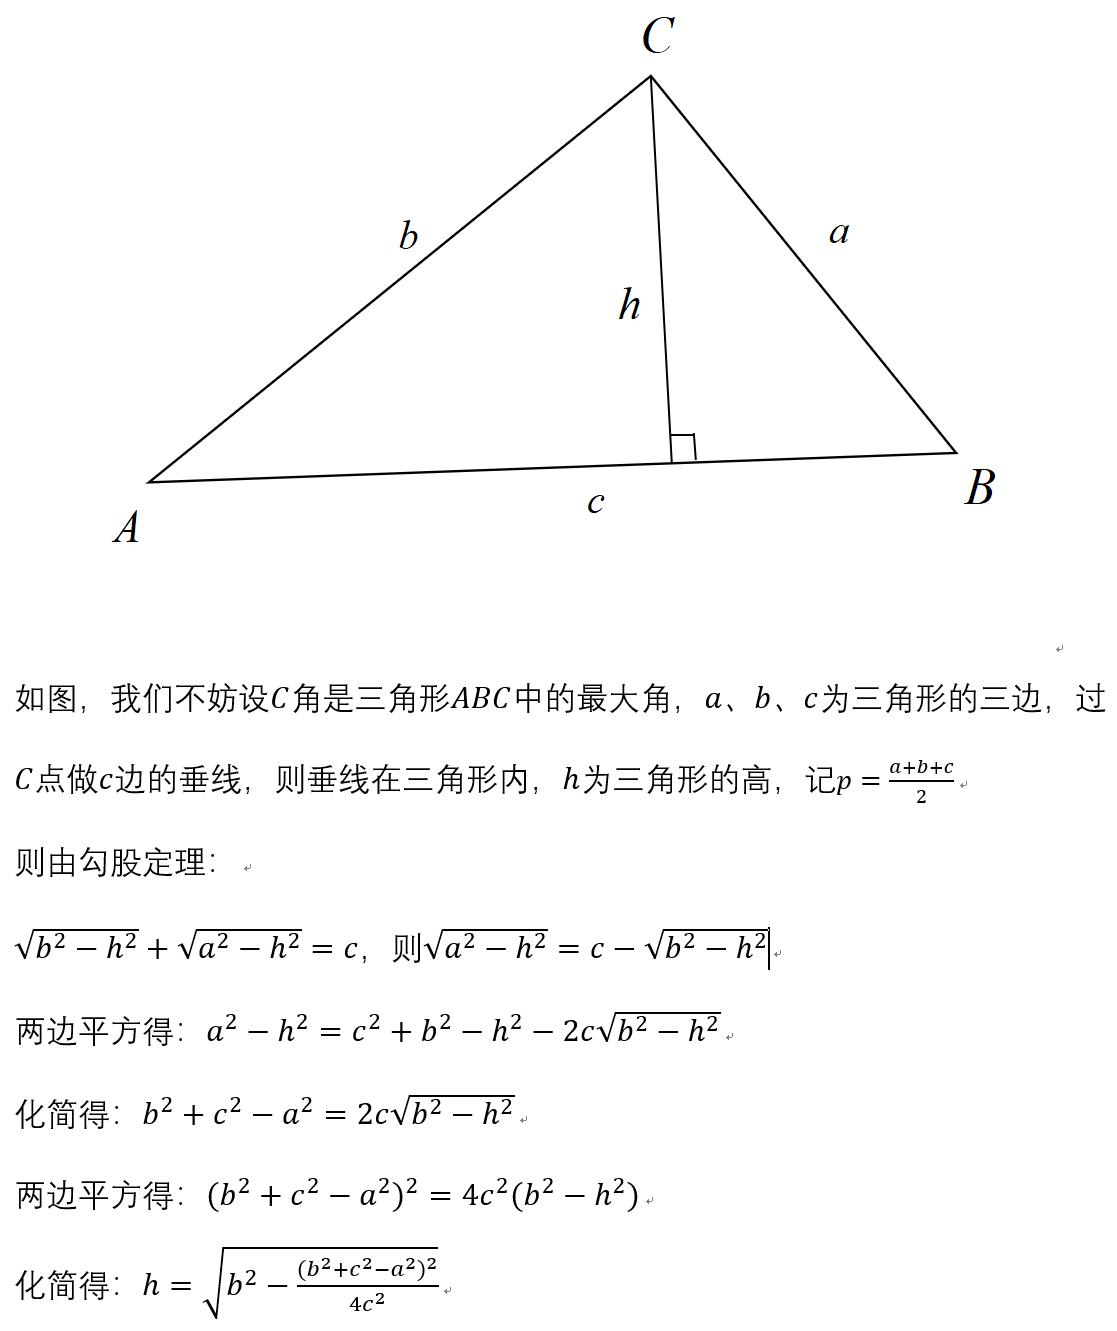 如何学好初中数学-教材公式拓展5 海伦公式及其证明-证明1